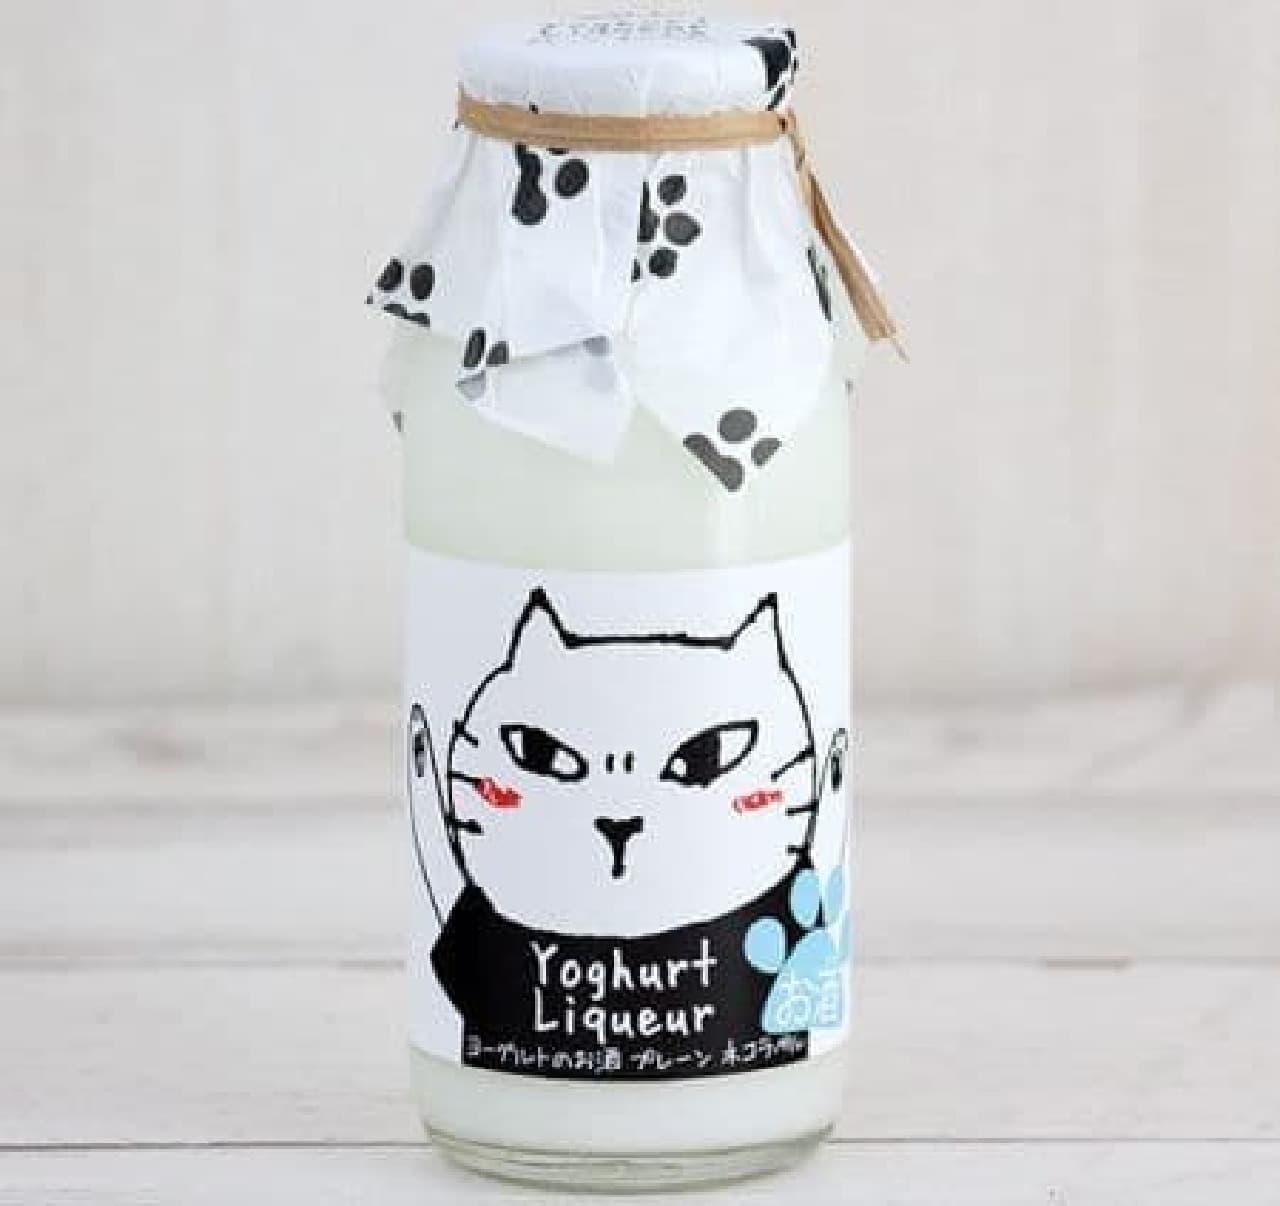 カルディオリジナル ヨーグルトのお酒 猫ラベル